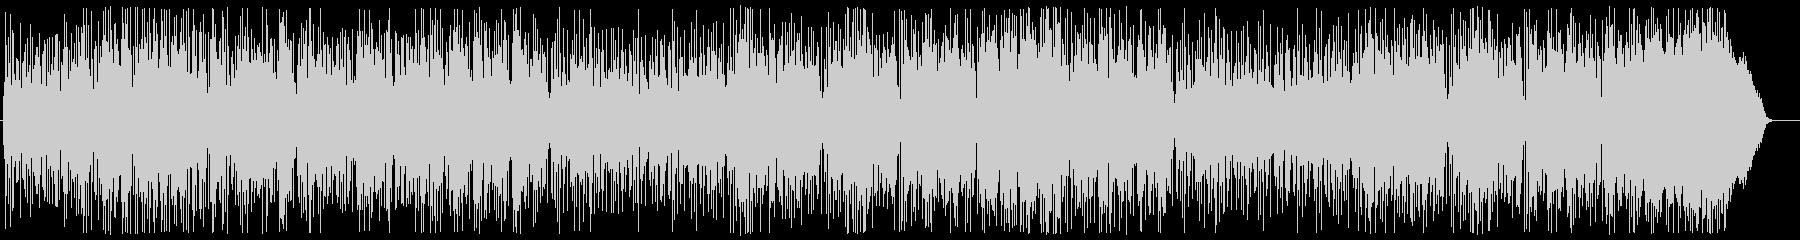 スローファンクとメロディック。の未再生の波形